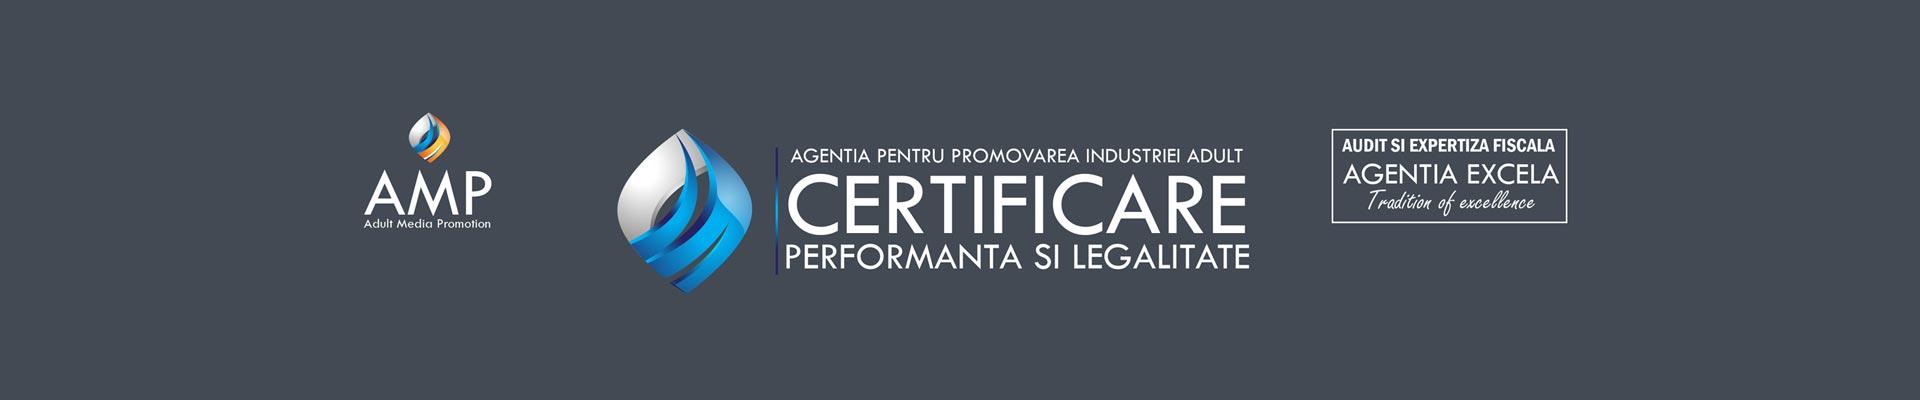 certificarea-amp-new